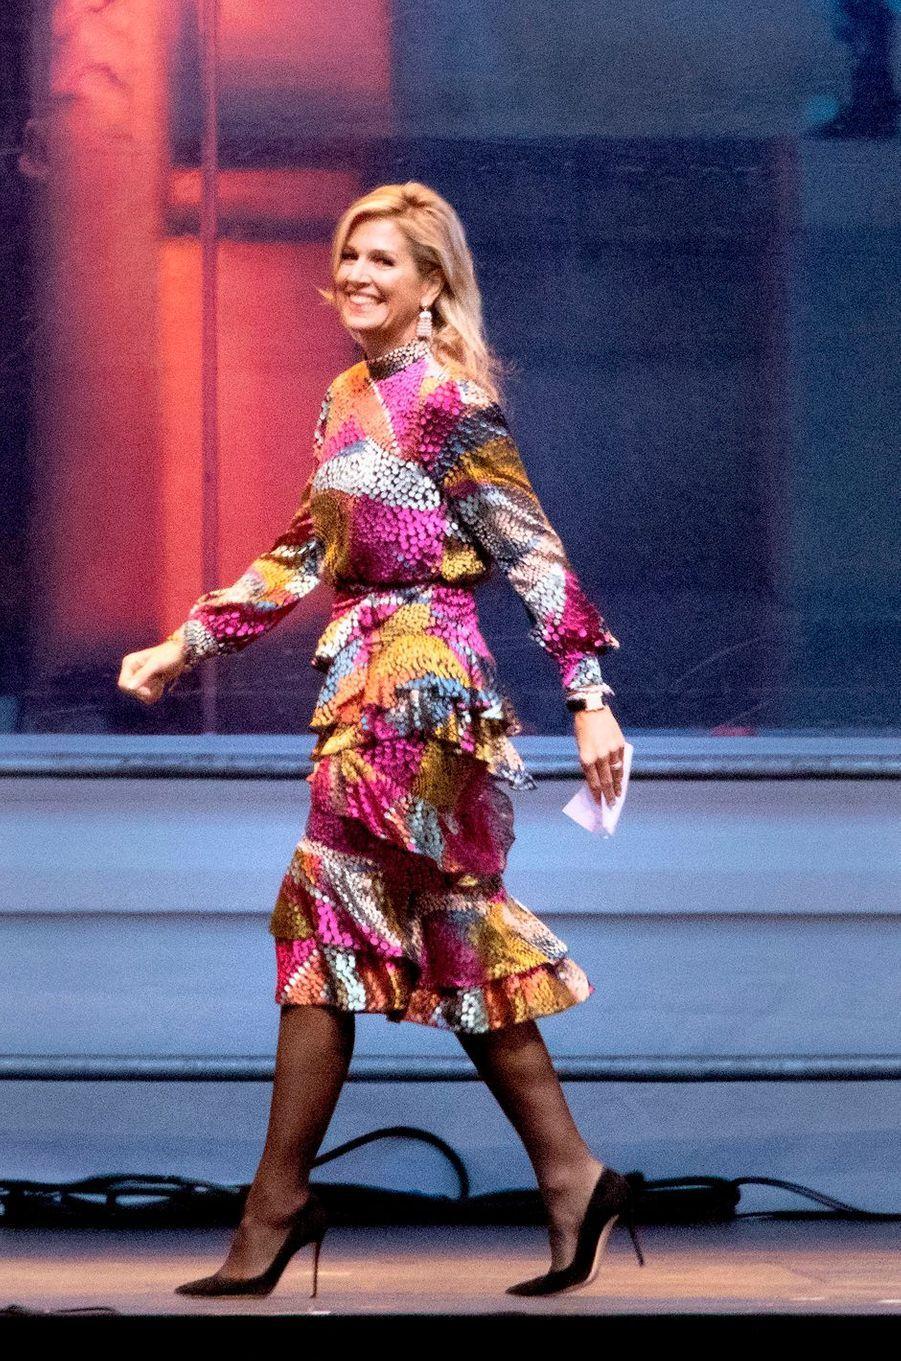 La reine Maxima des Pays-Bas, dans une robe Saloni, à La Haye le 17 octobre 2018 au soir